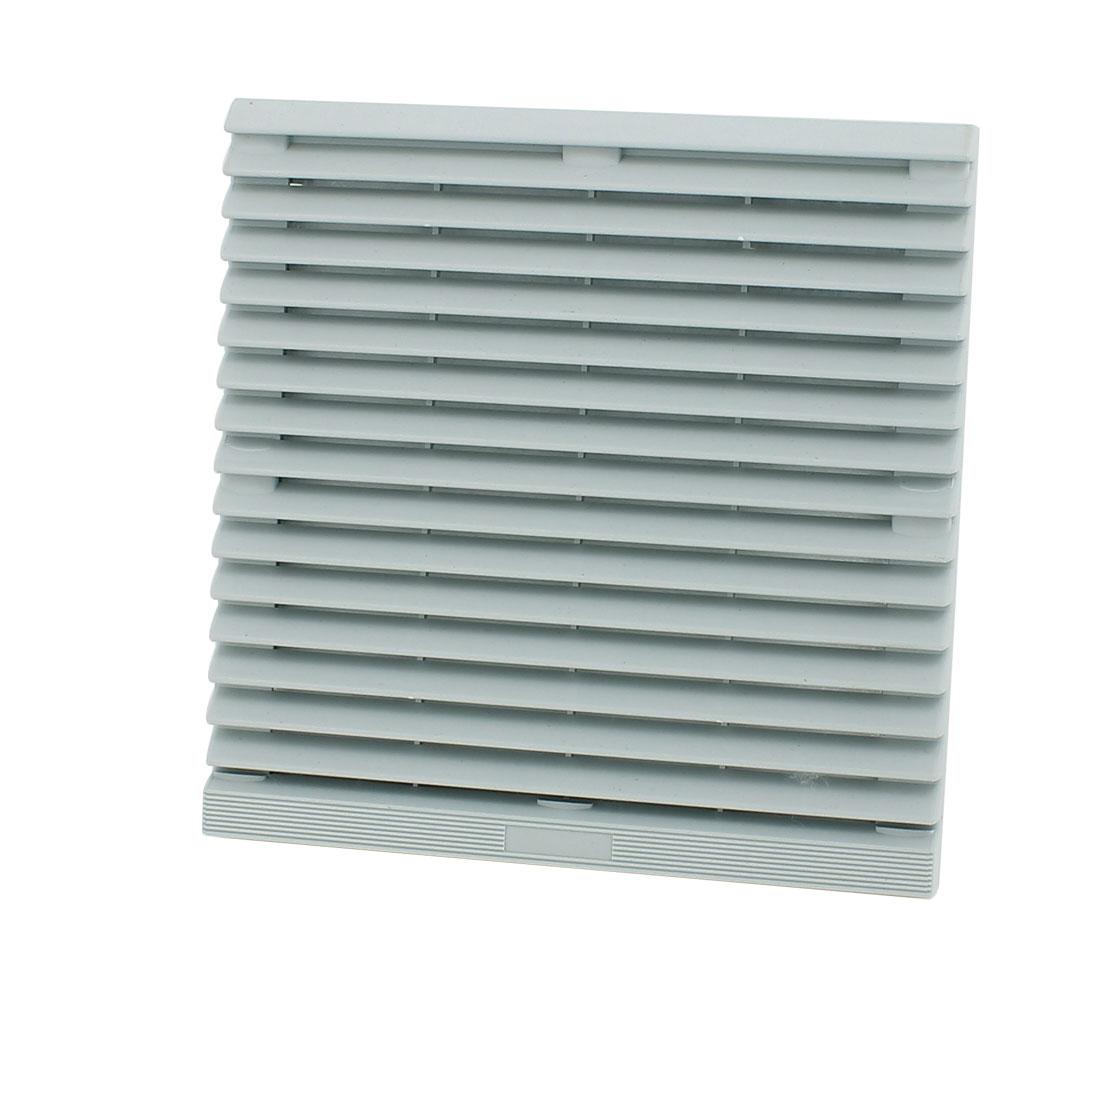 204 x 204mm Plastic Cabinet Washable Axial Flow Fan Foam Dust Filter w Seal Ring